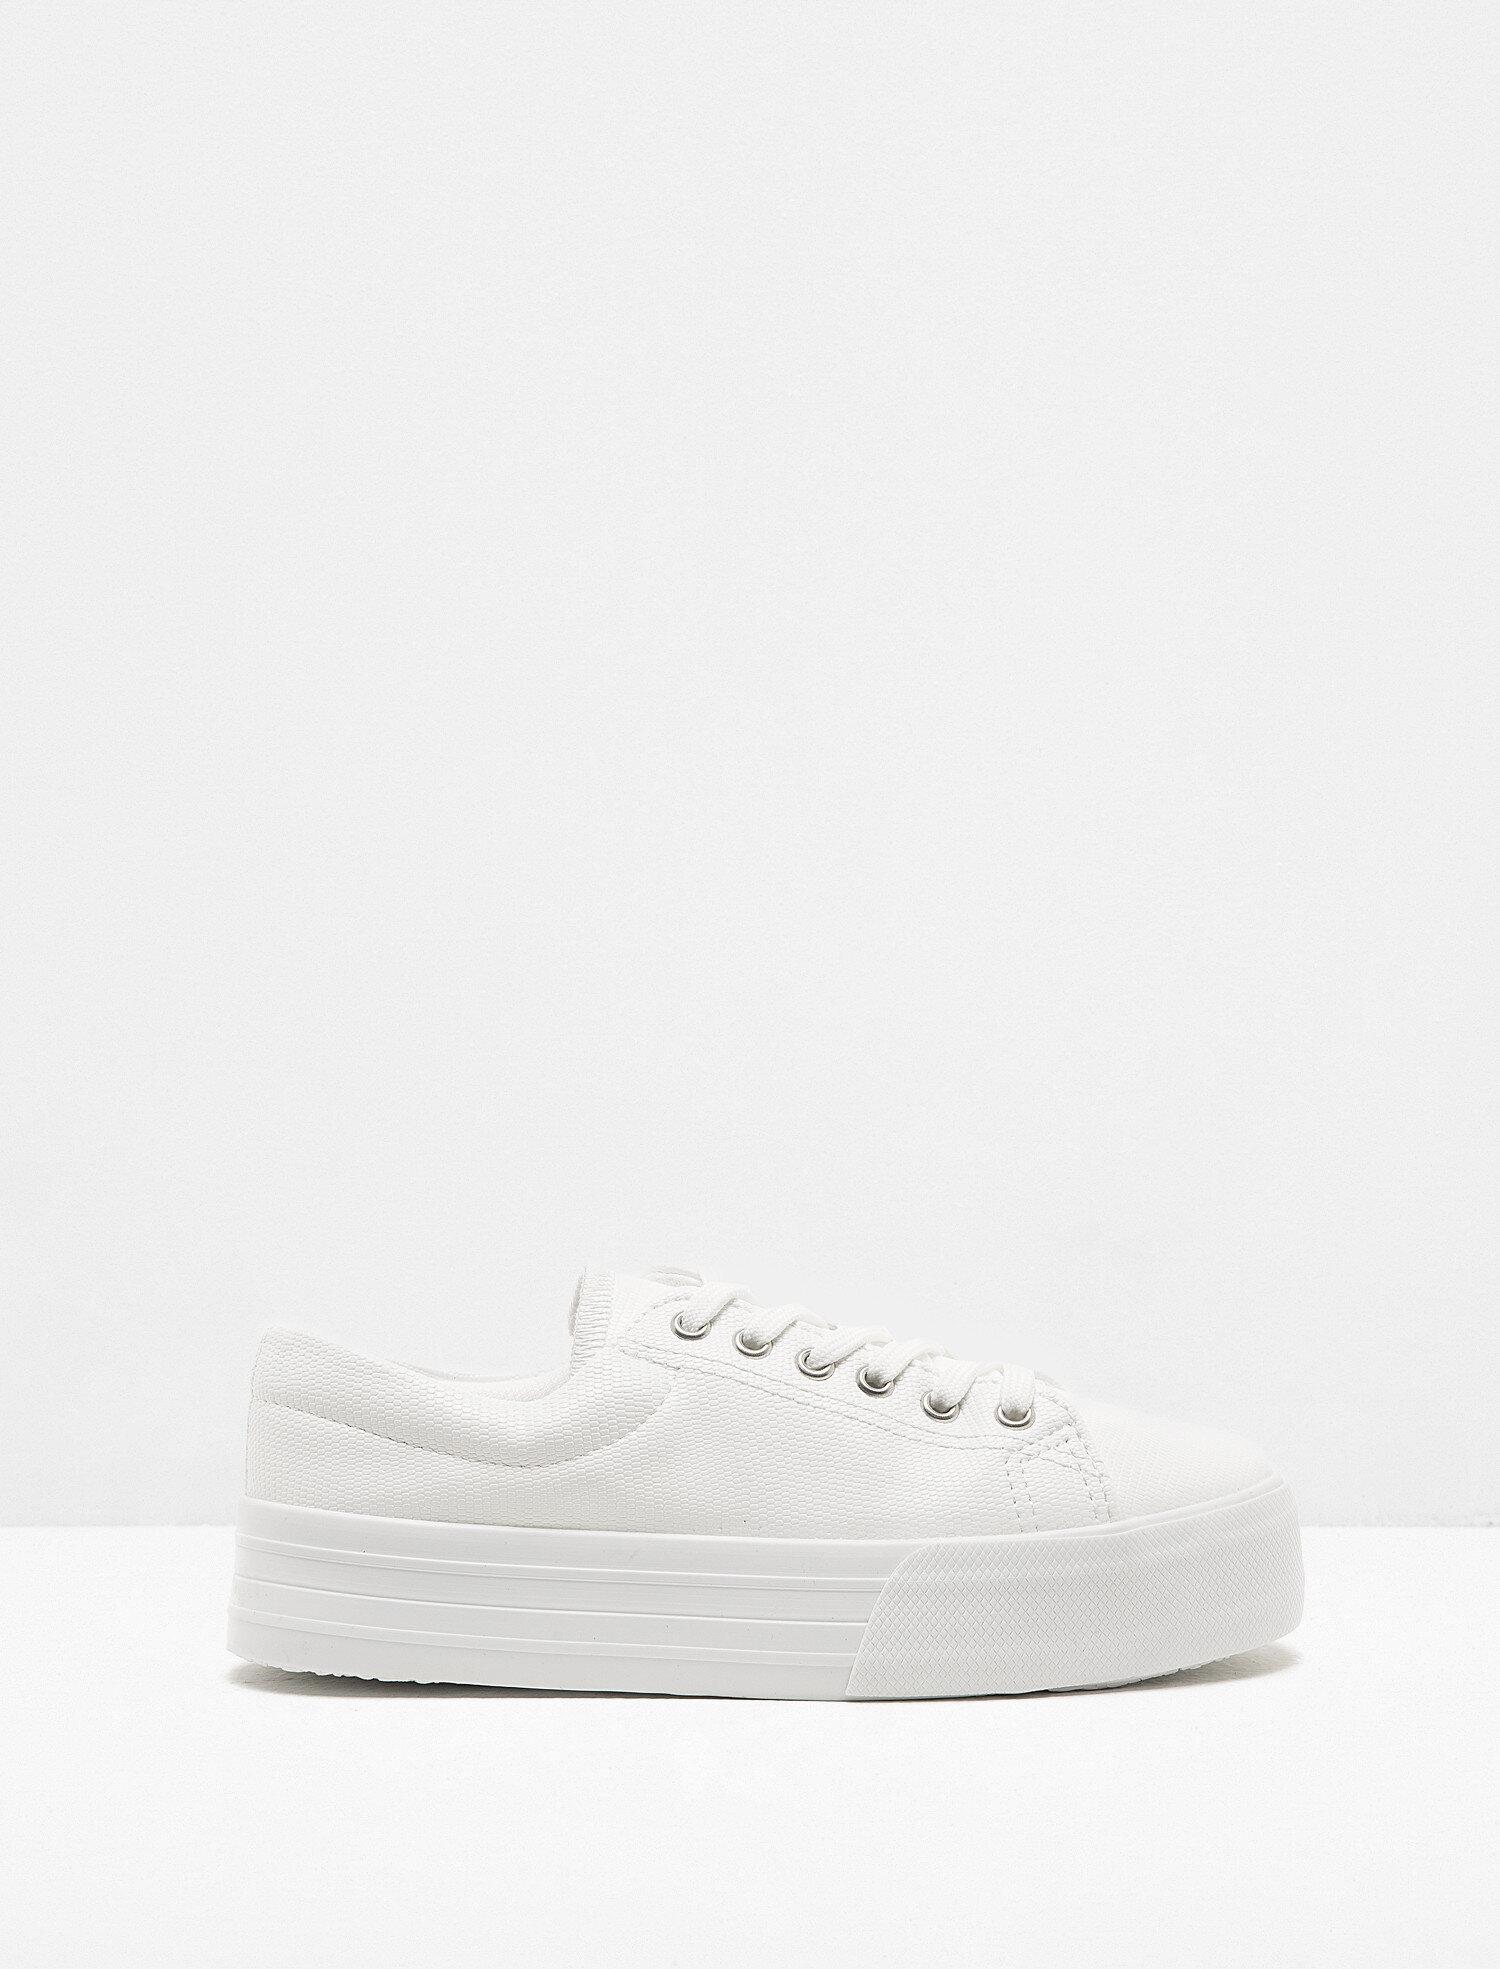 74a3551620e5b Beyaz Bayan Bağcıklı Spor Ayakkabı 8KAK20105AA000 | Koton